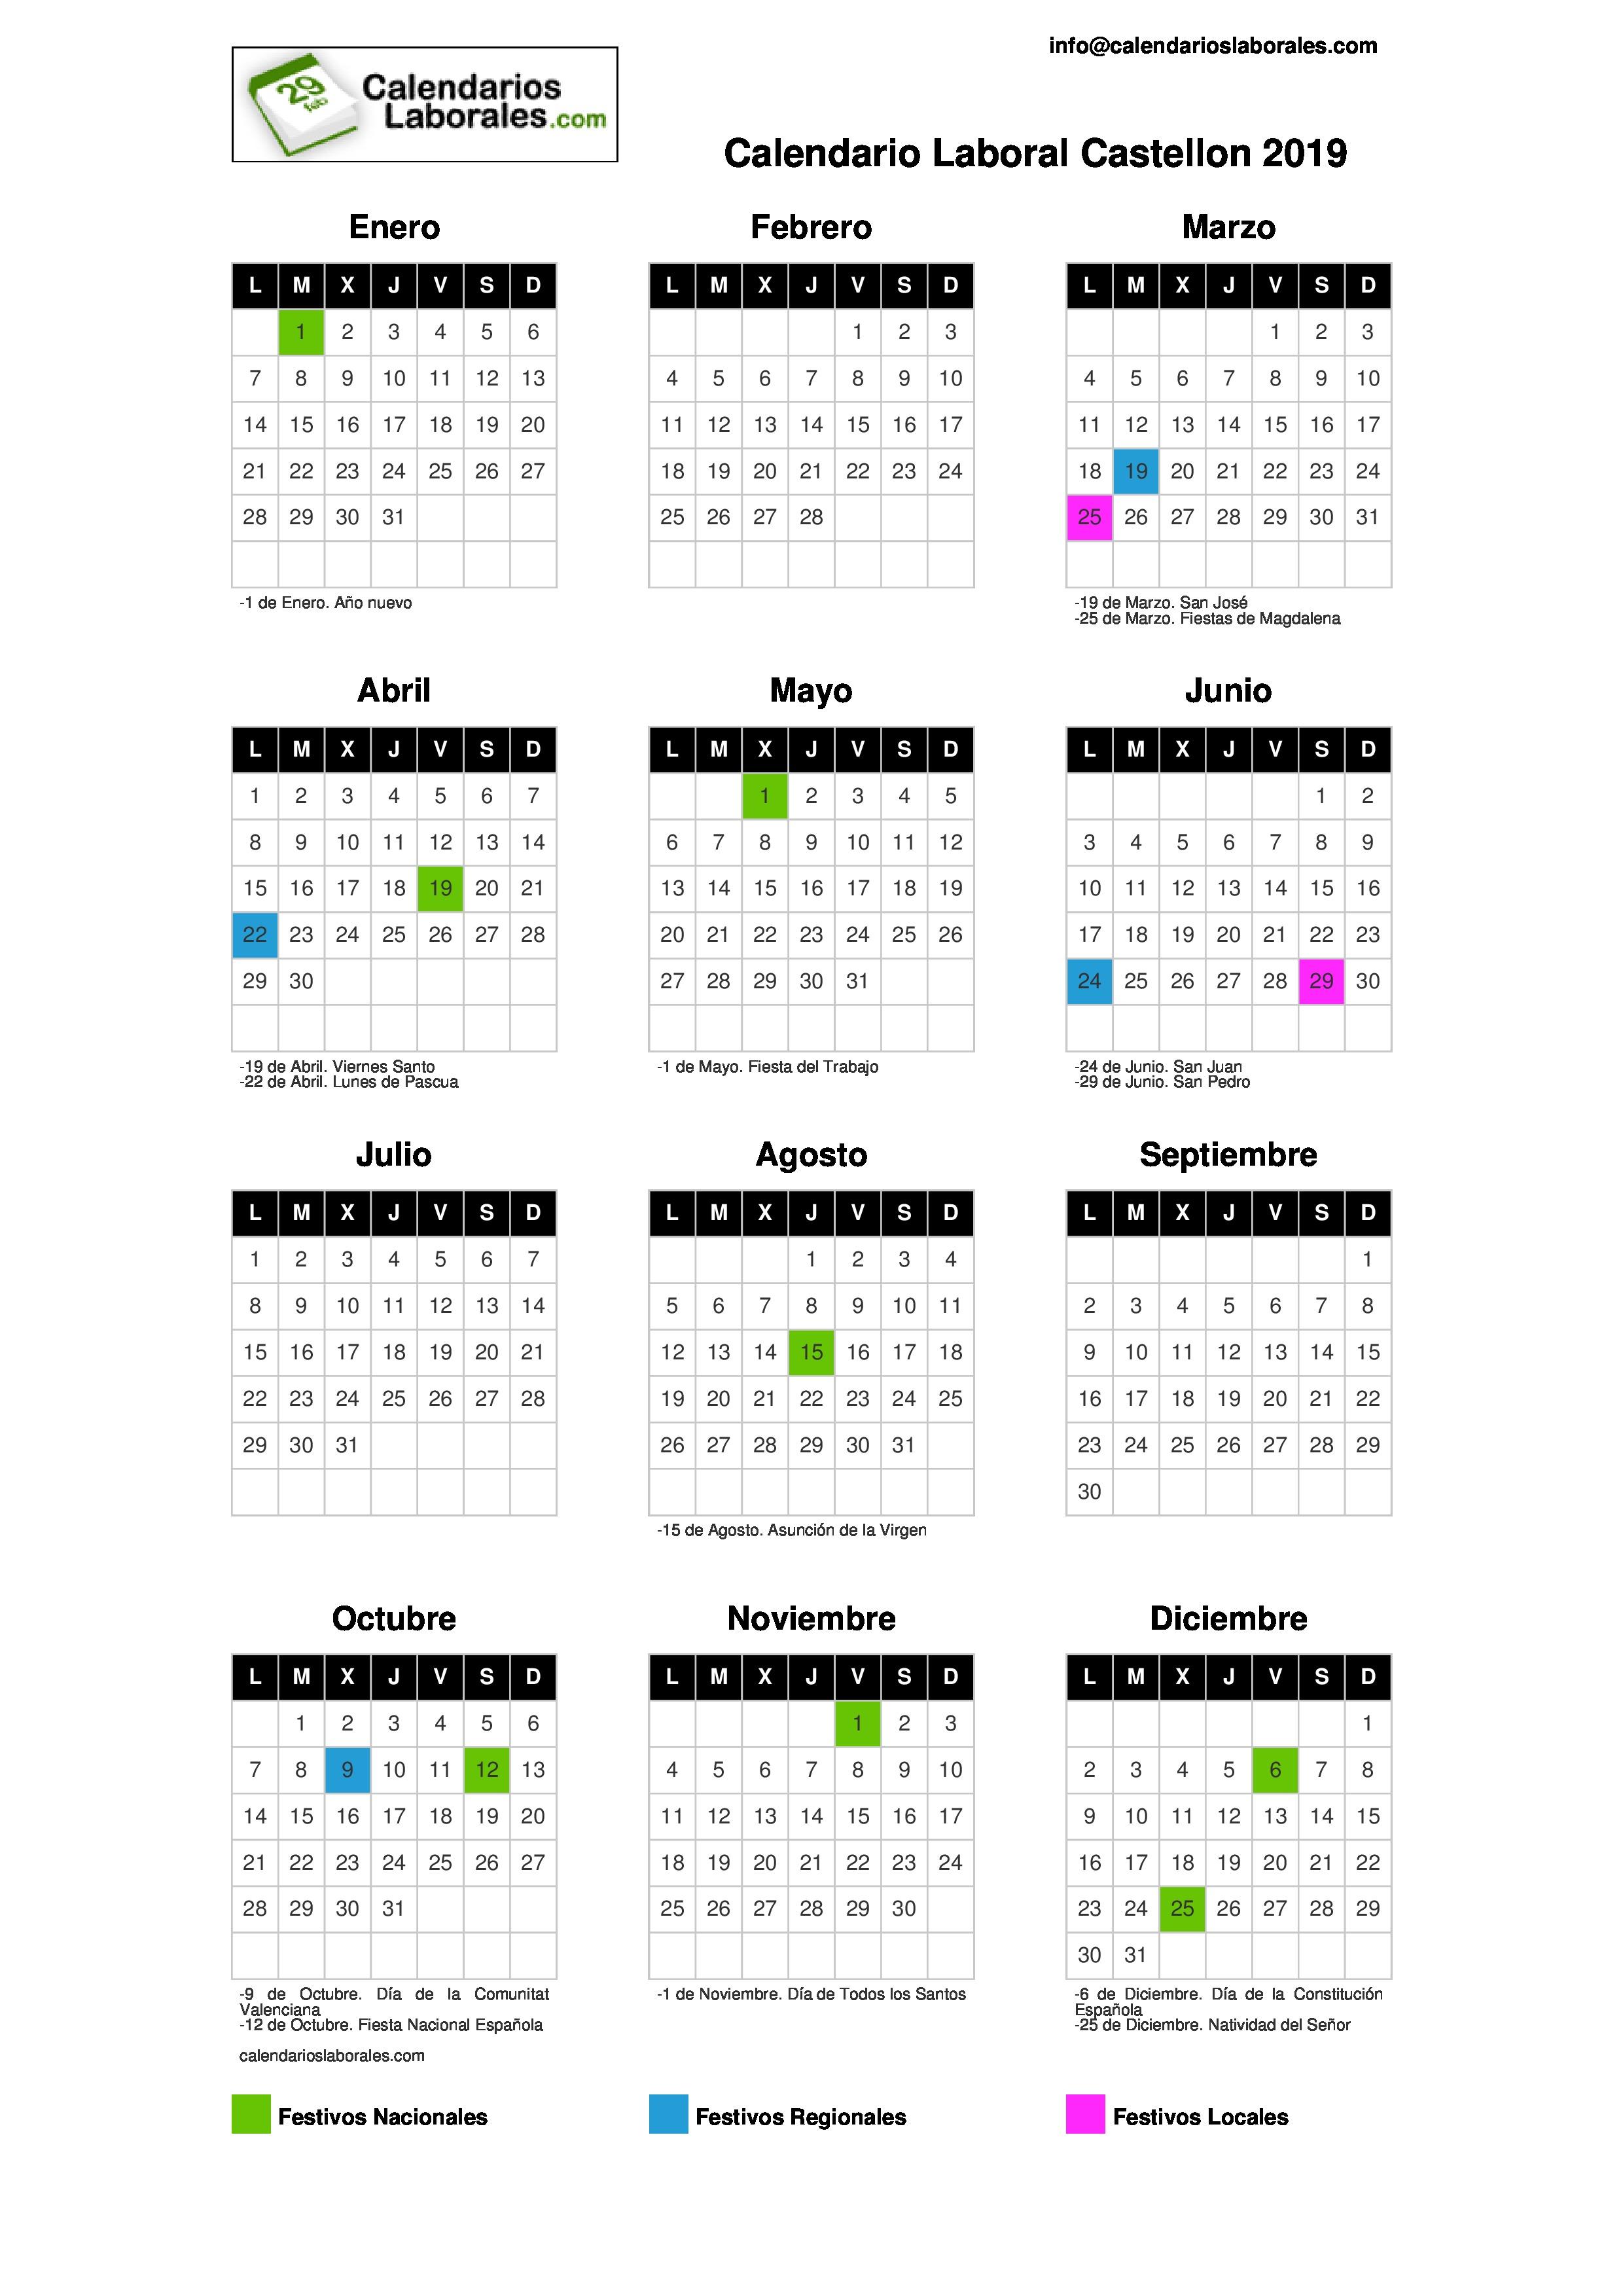 Calendario Agosto 2019 Numeros Grandes.Calendario Laboral Castellon 2019